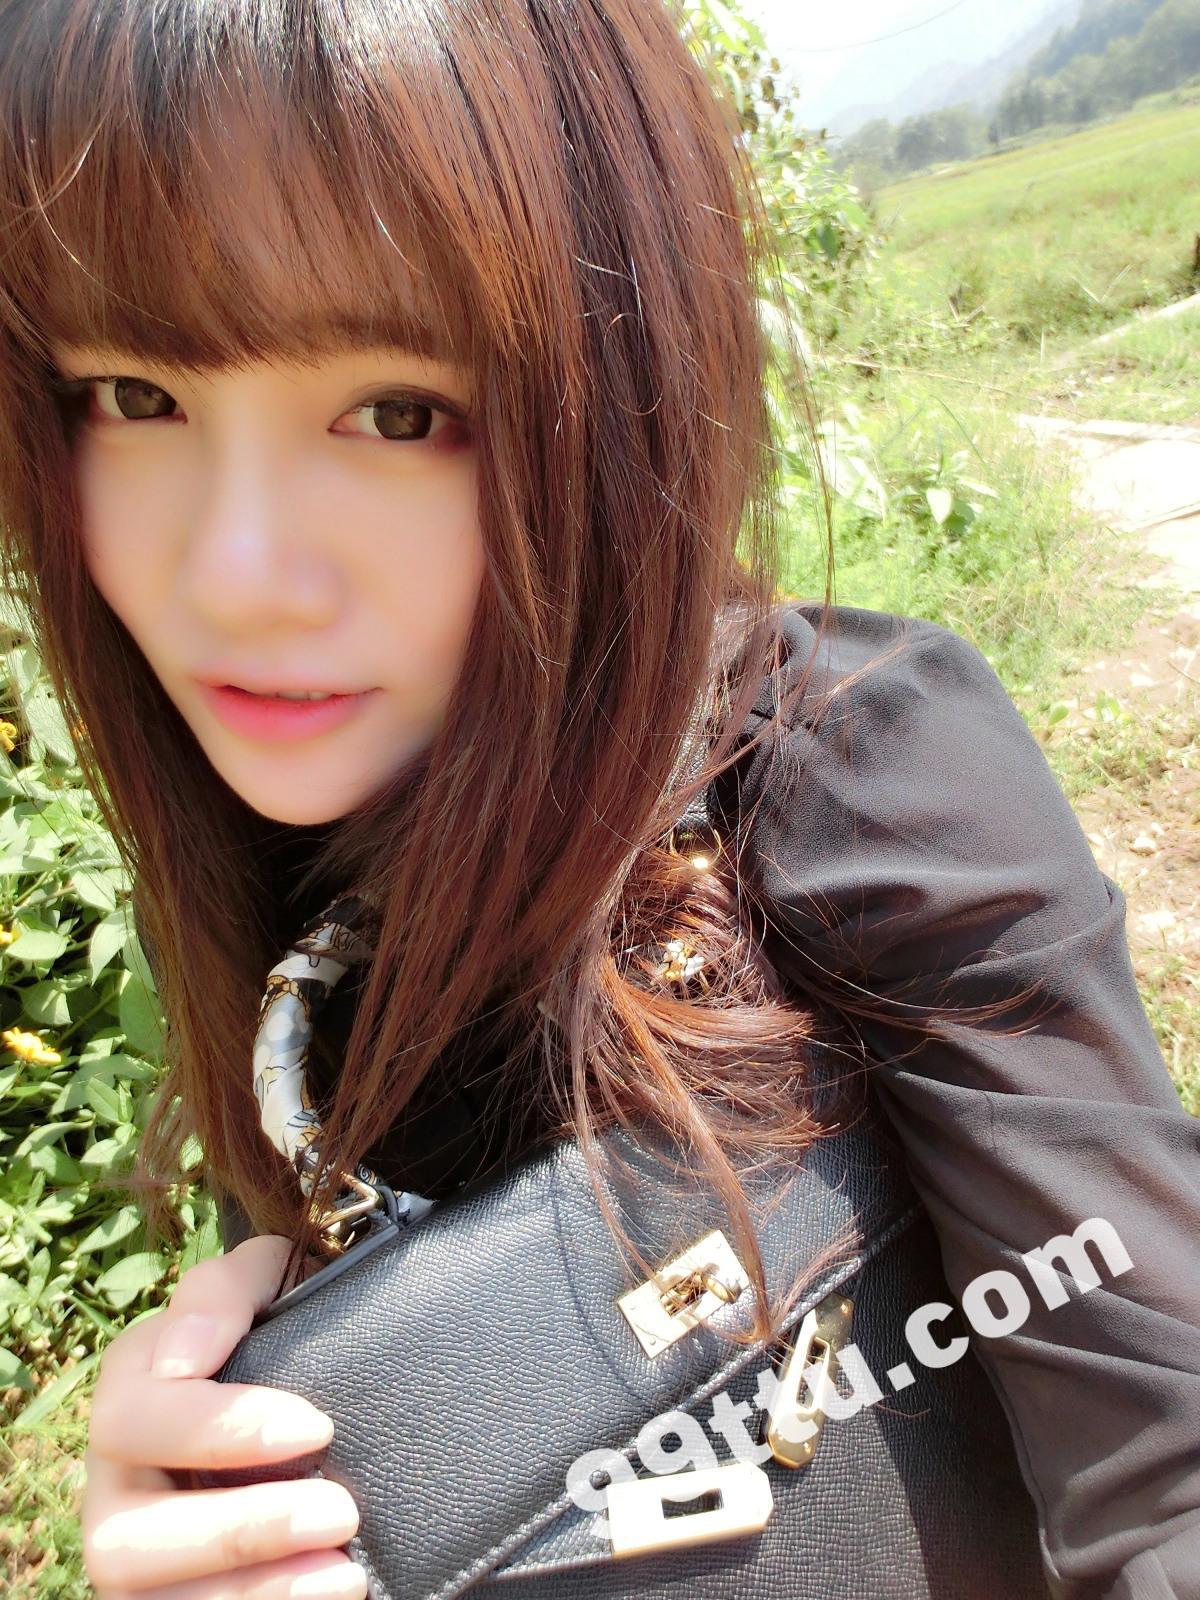 KK90_1390图+6视频 美女靓丽青春素材生活照-11